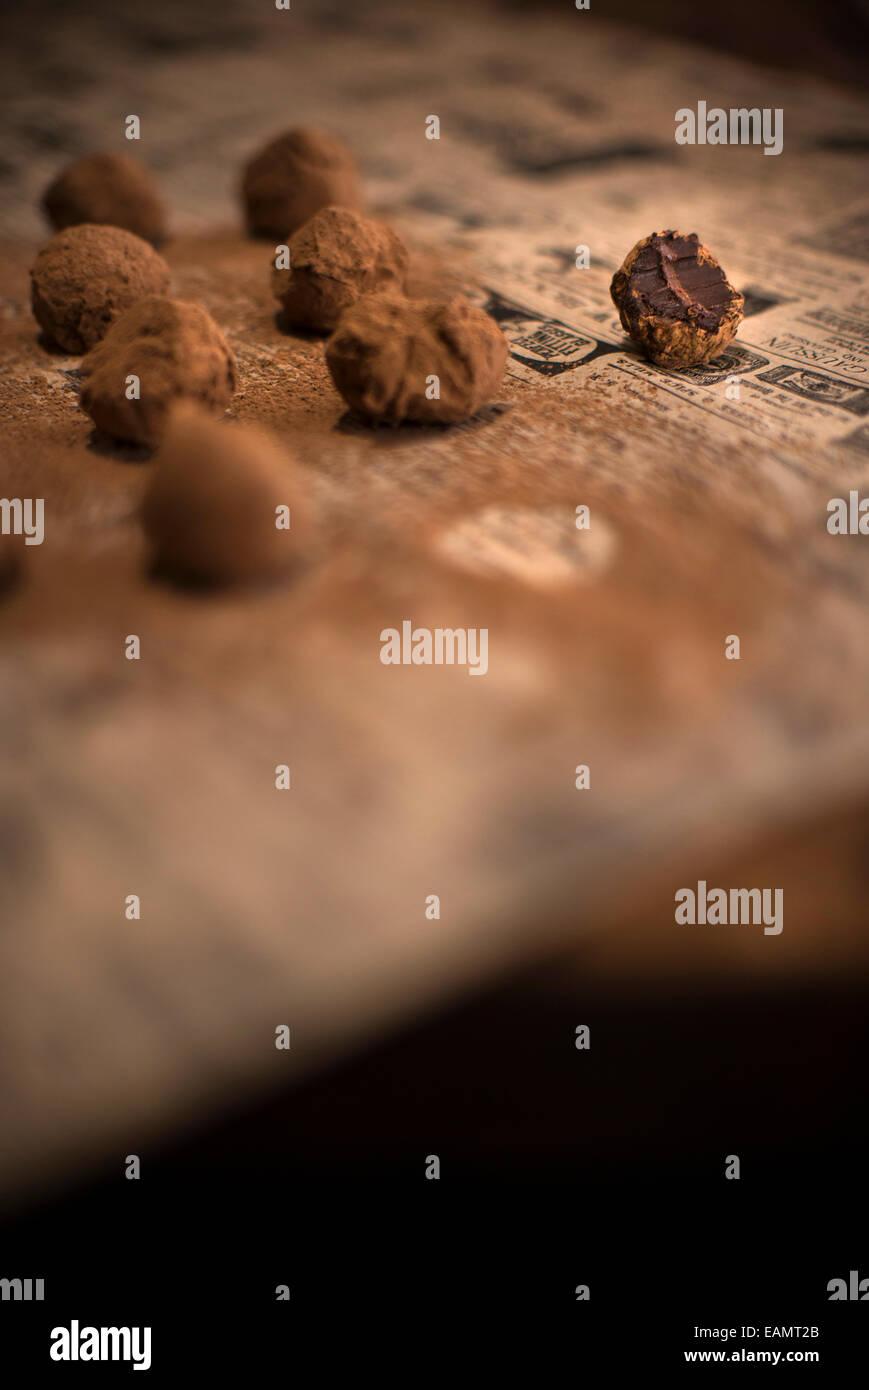 Righe di tartufi di cioccolato ricoperto di cacao su giornali antichi e legno rustico superficie. Un tartufo addentata. Immagini Stock